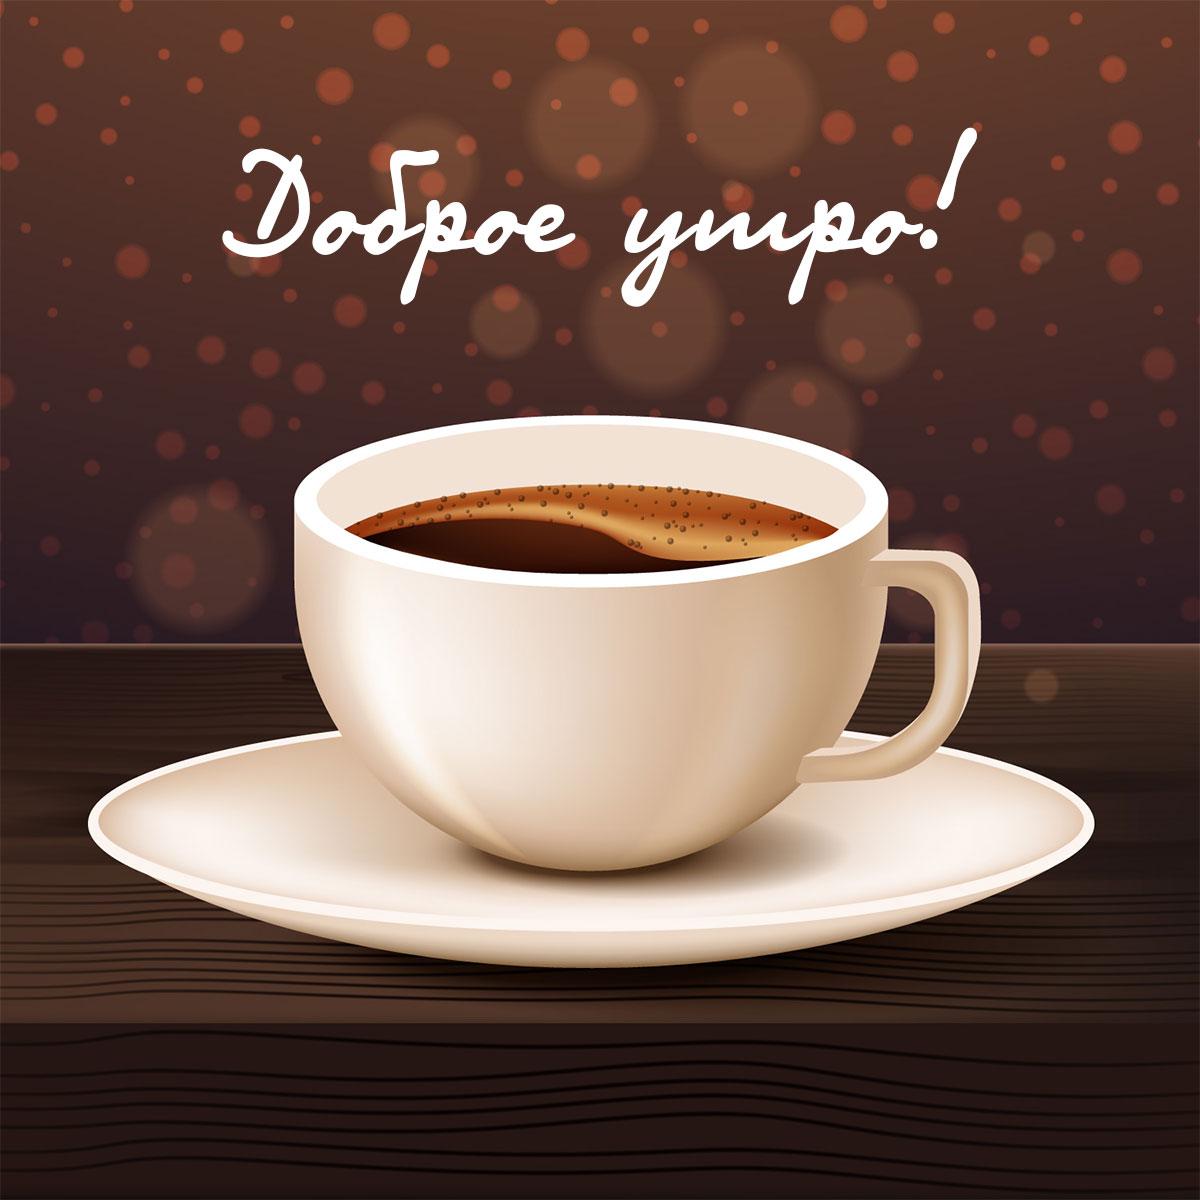 Картинка с текстом с добрым утром - чашка кофе экспрессо на блюдечке.